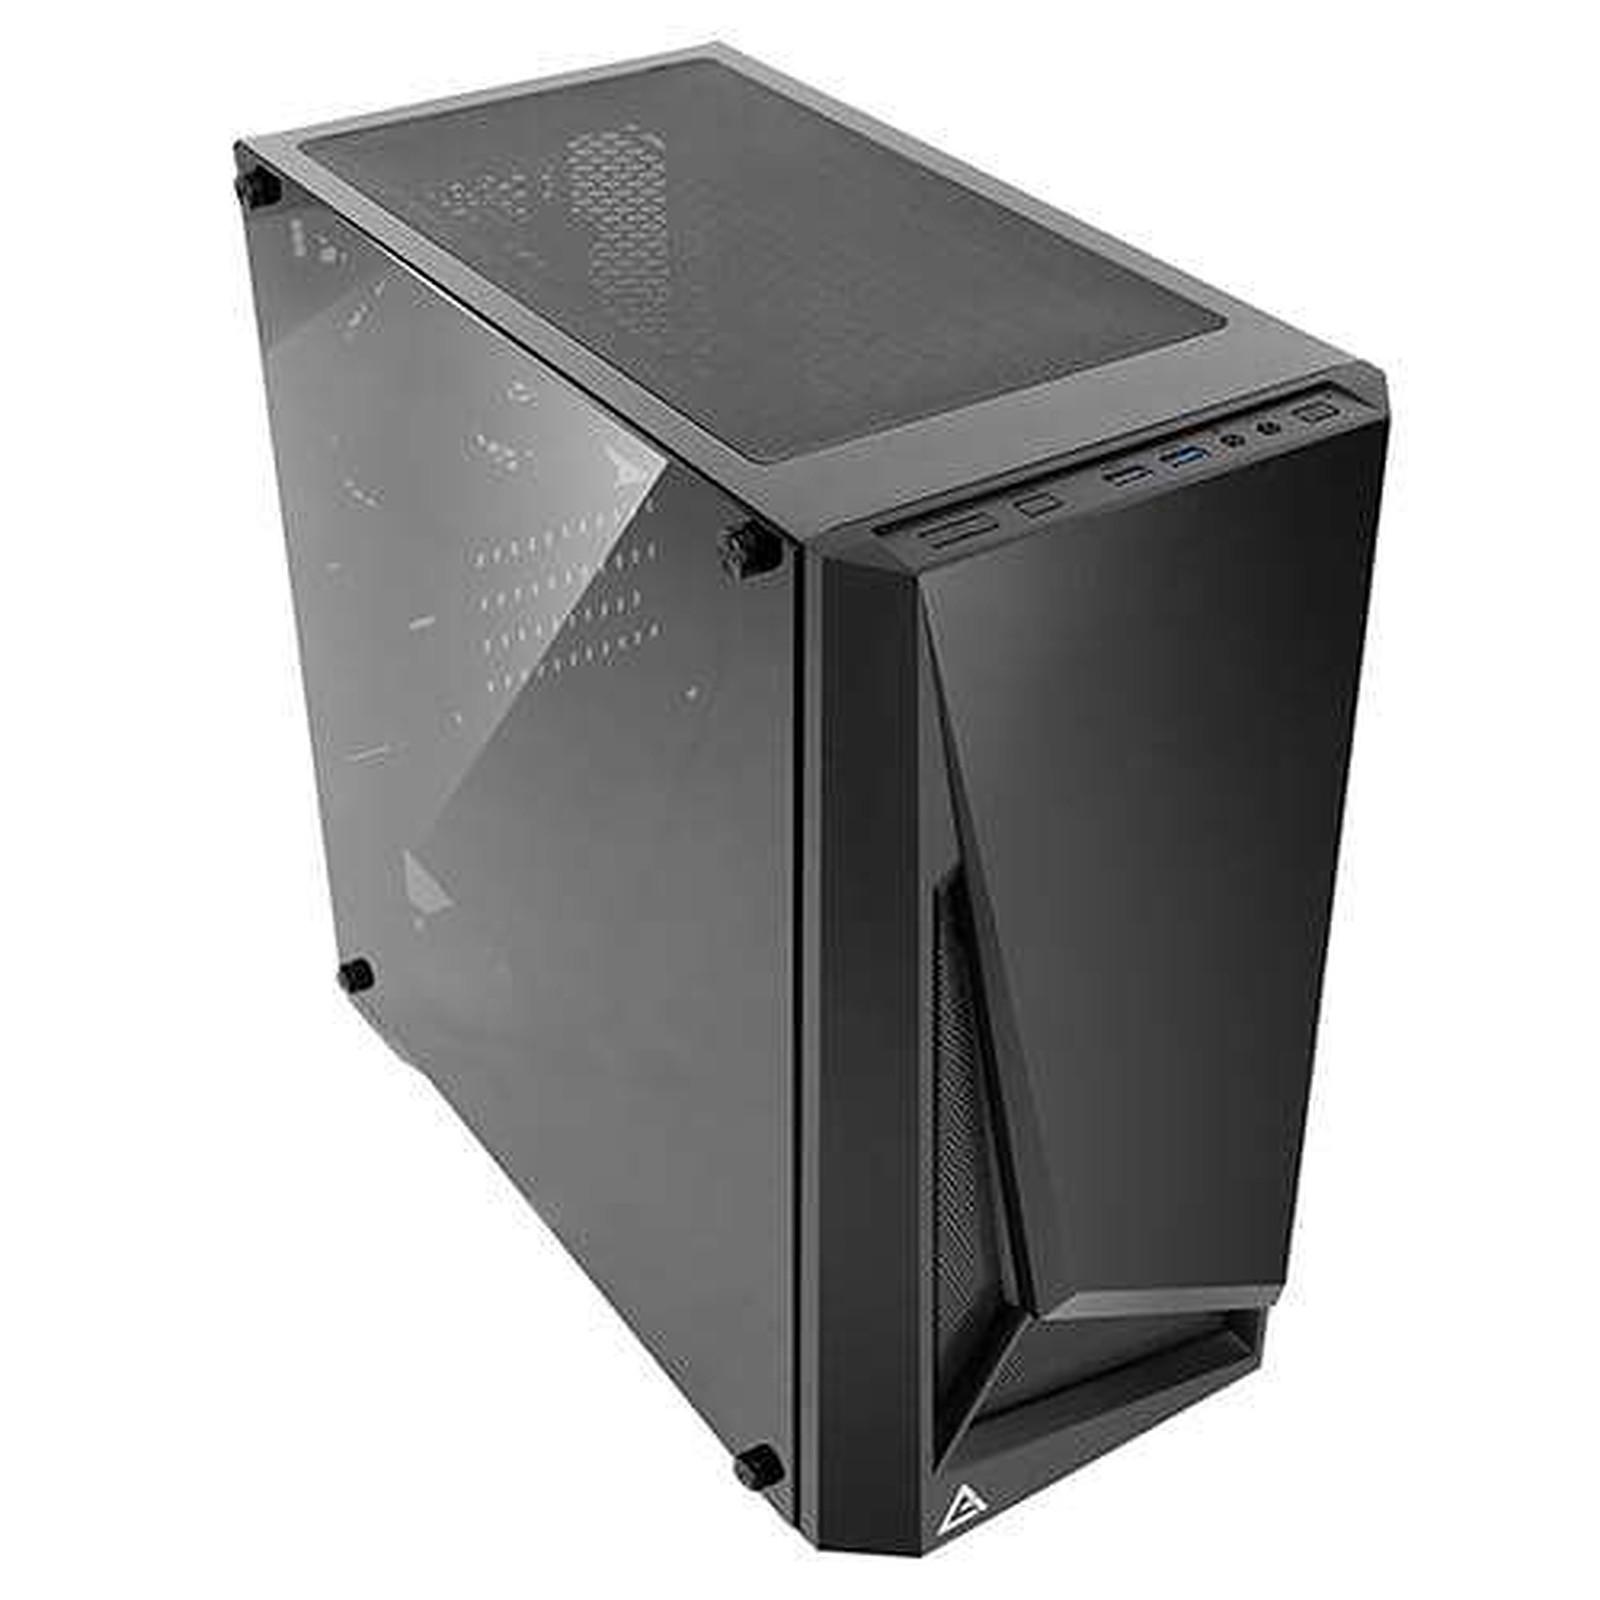 Boitier PC Micro-ATX, Mini-ITX, Antec DP301M noir avec fenêtre sans alim, informatique ile de la Réunion 974